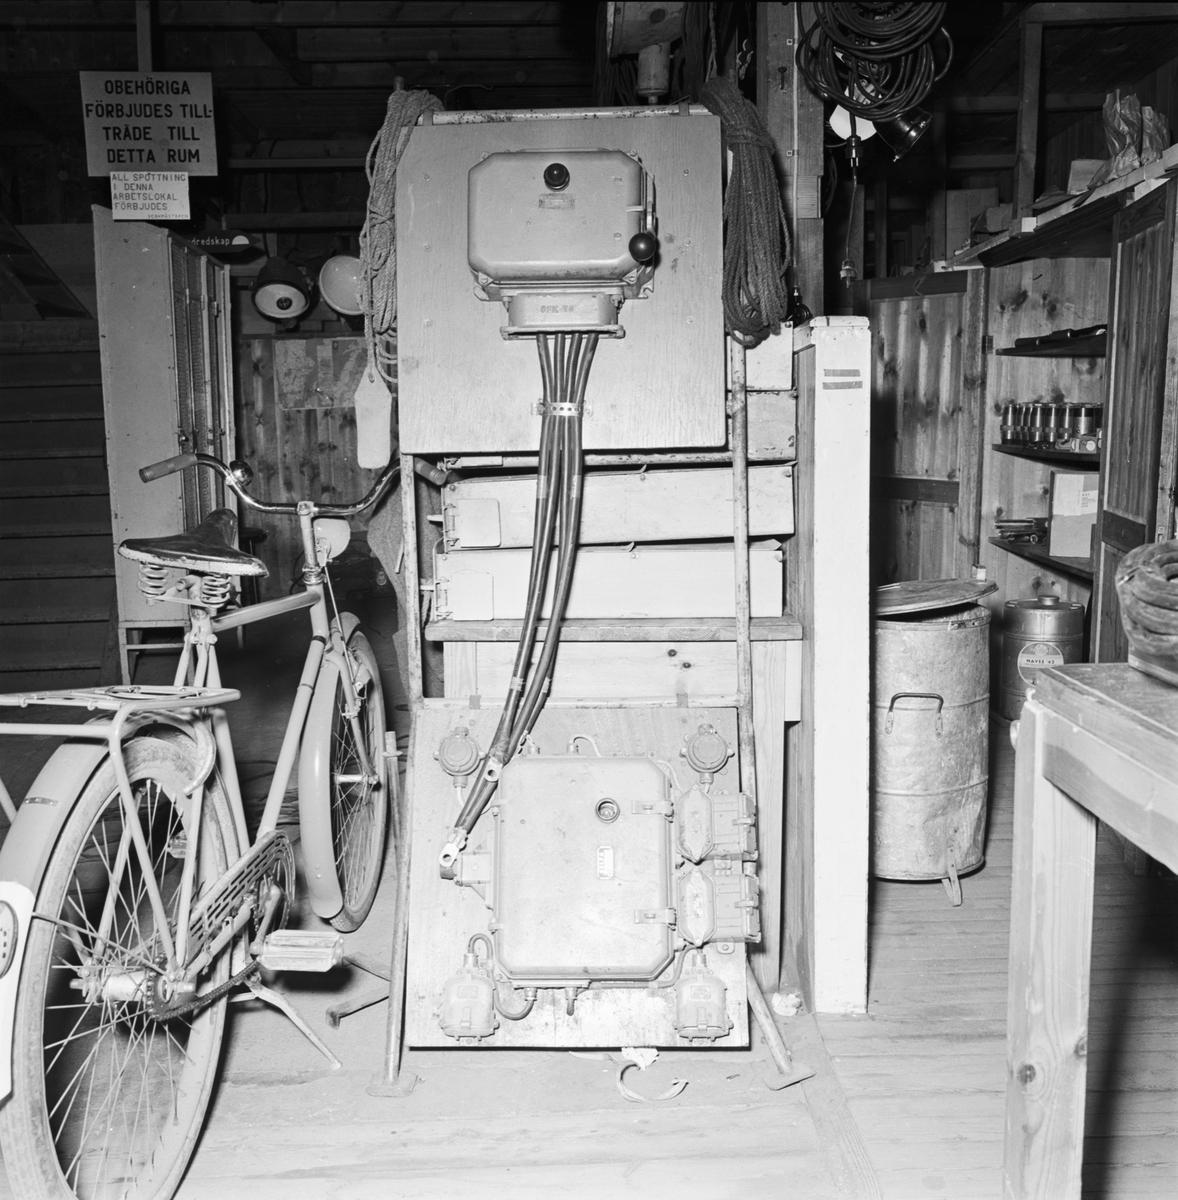 Övrigt: Foto datum: 29/4 1964 Verkstäder och personal. Elverkstan interiör